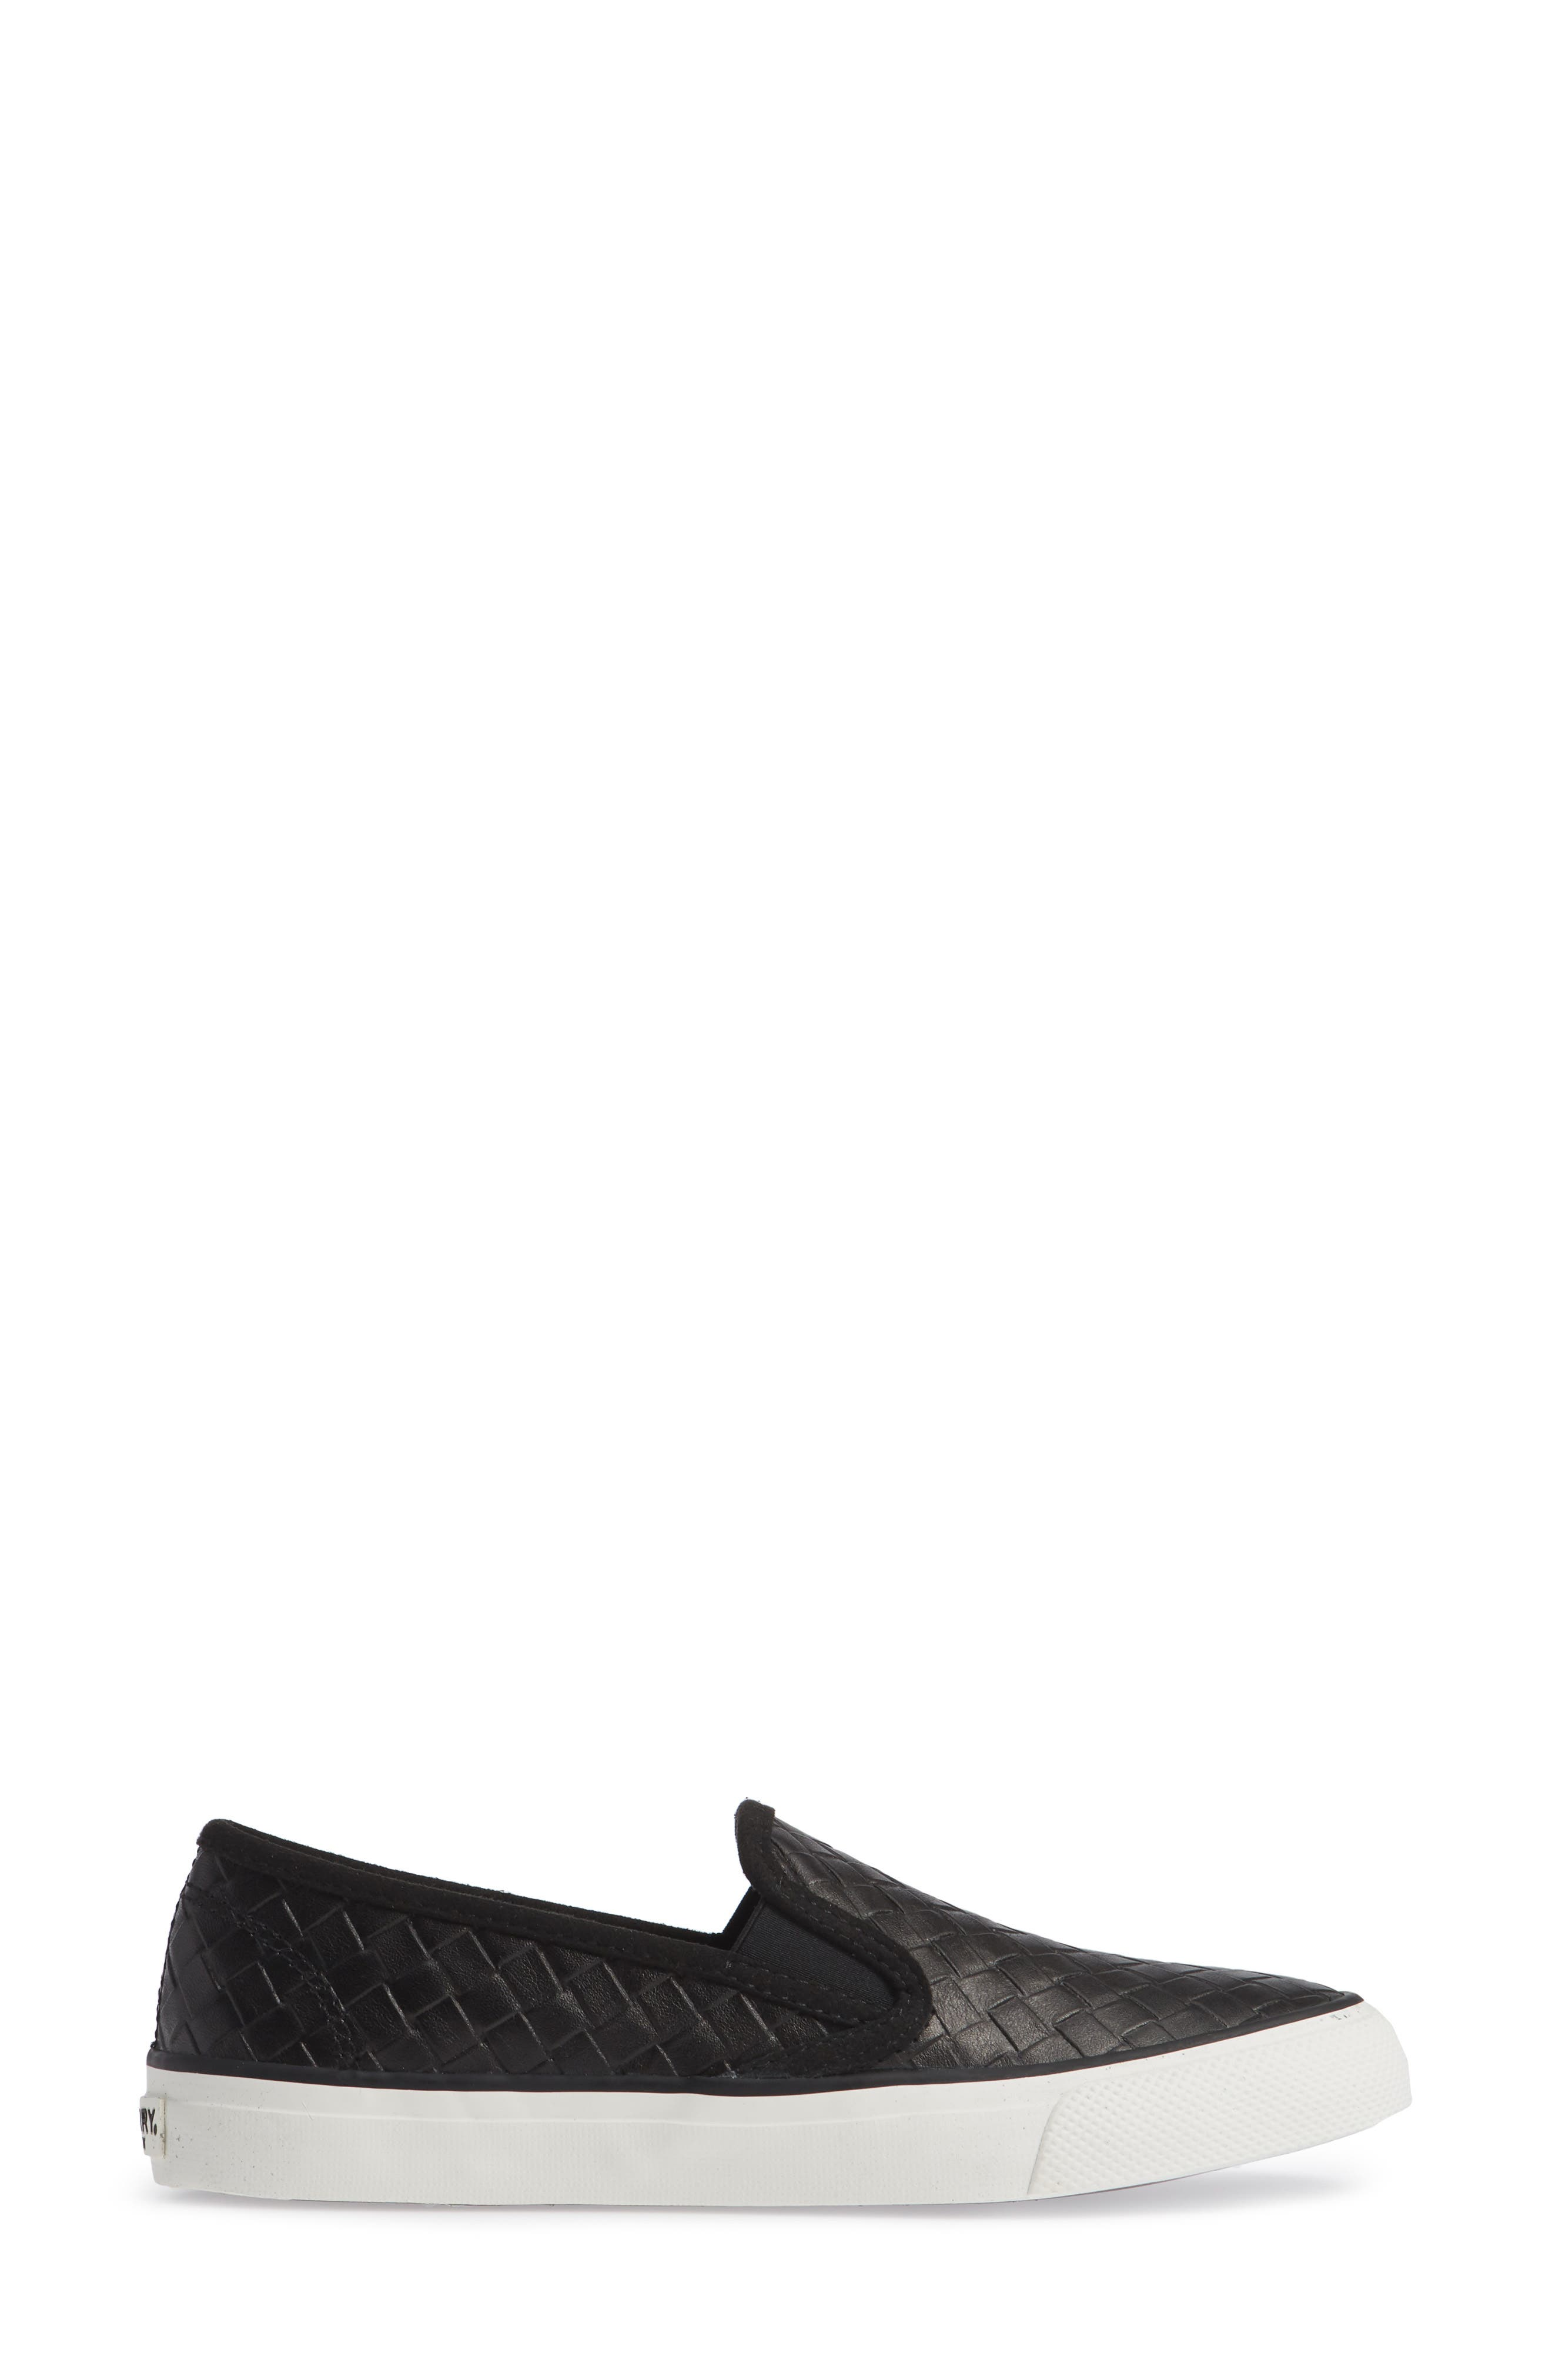 Seaside Embossed Weave Slip-On Sneaker,                             Alternate thumbnail 3, color,                             001